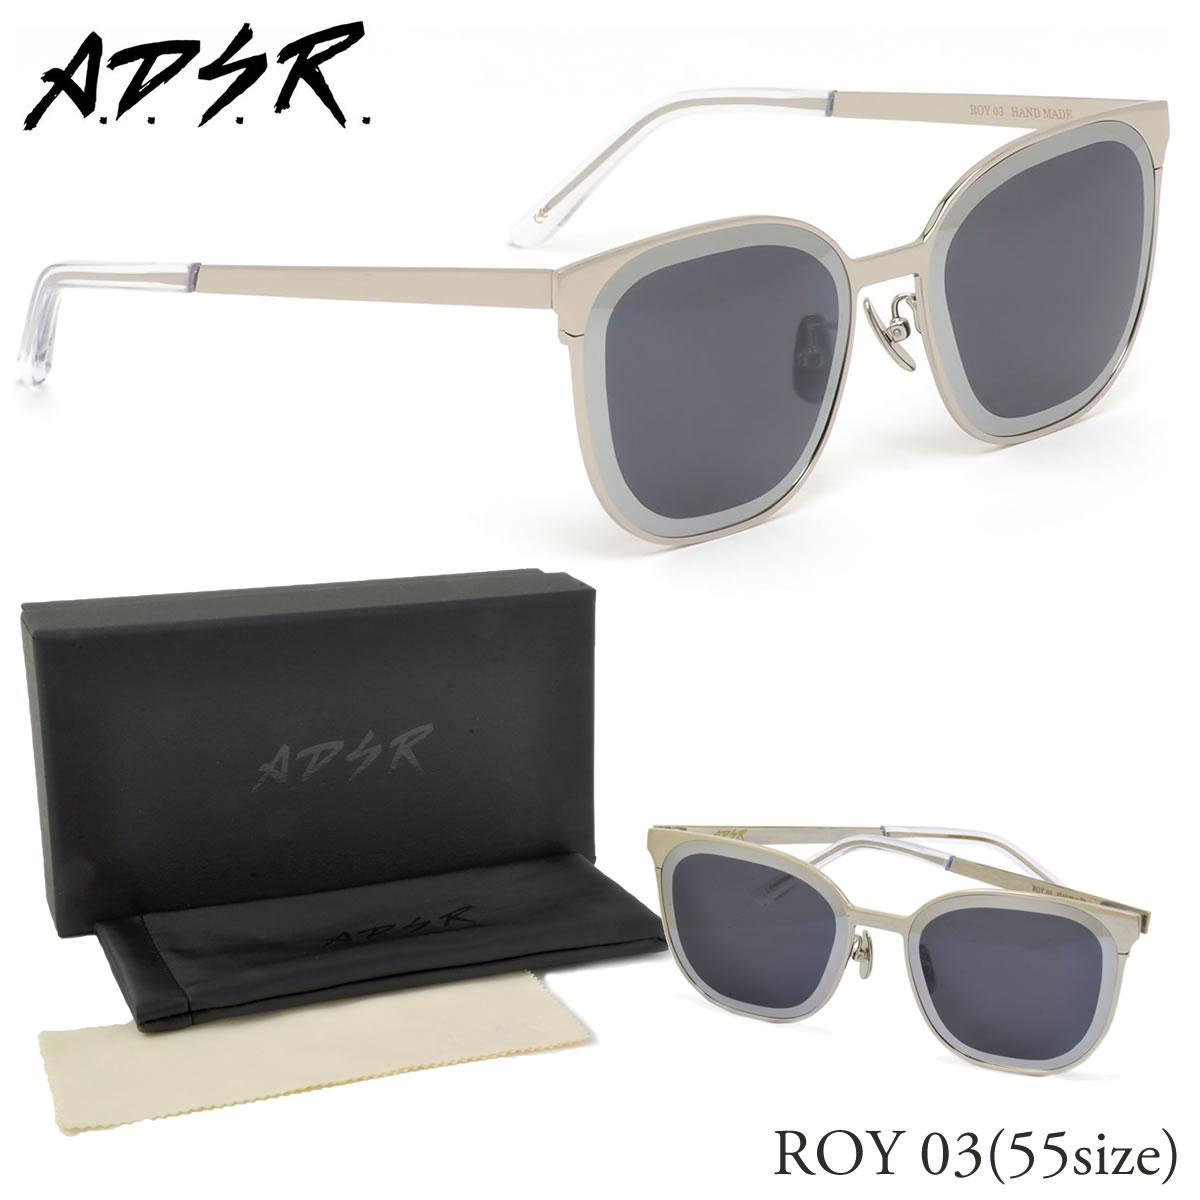 【10月30日からエントリーで全品ポイント20倍】【ADSR】 (エーディーエスアール) サングラスROY 03 55サイズA.D.S.R. ROY ロイ デザインミラーレンズADSR メンズ レディース